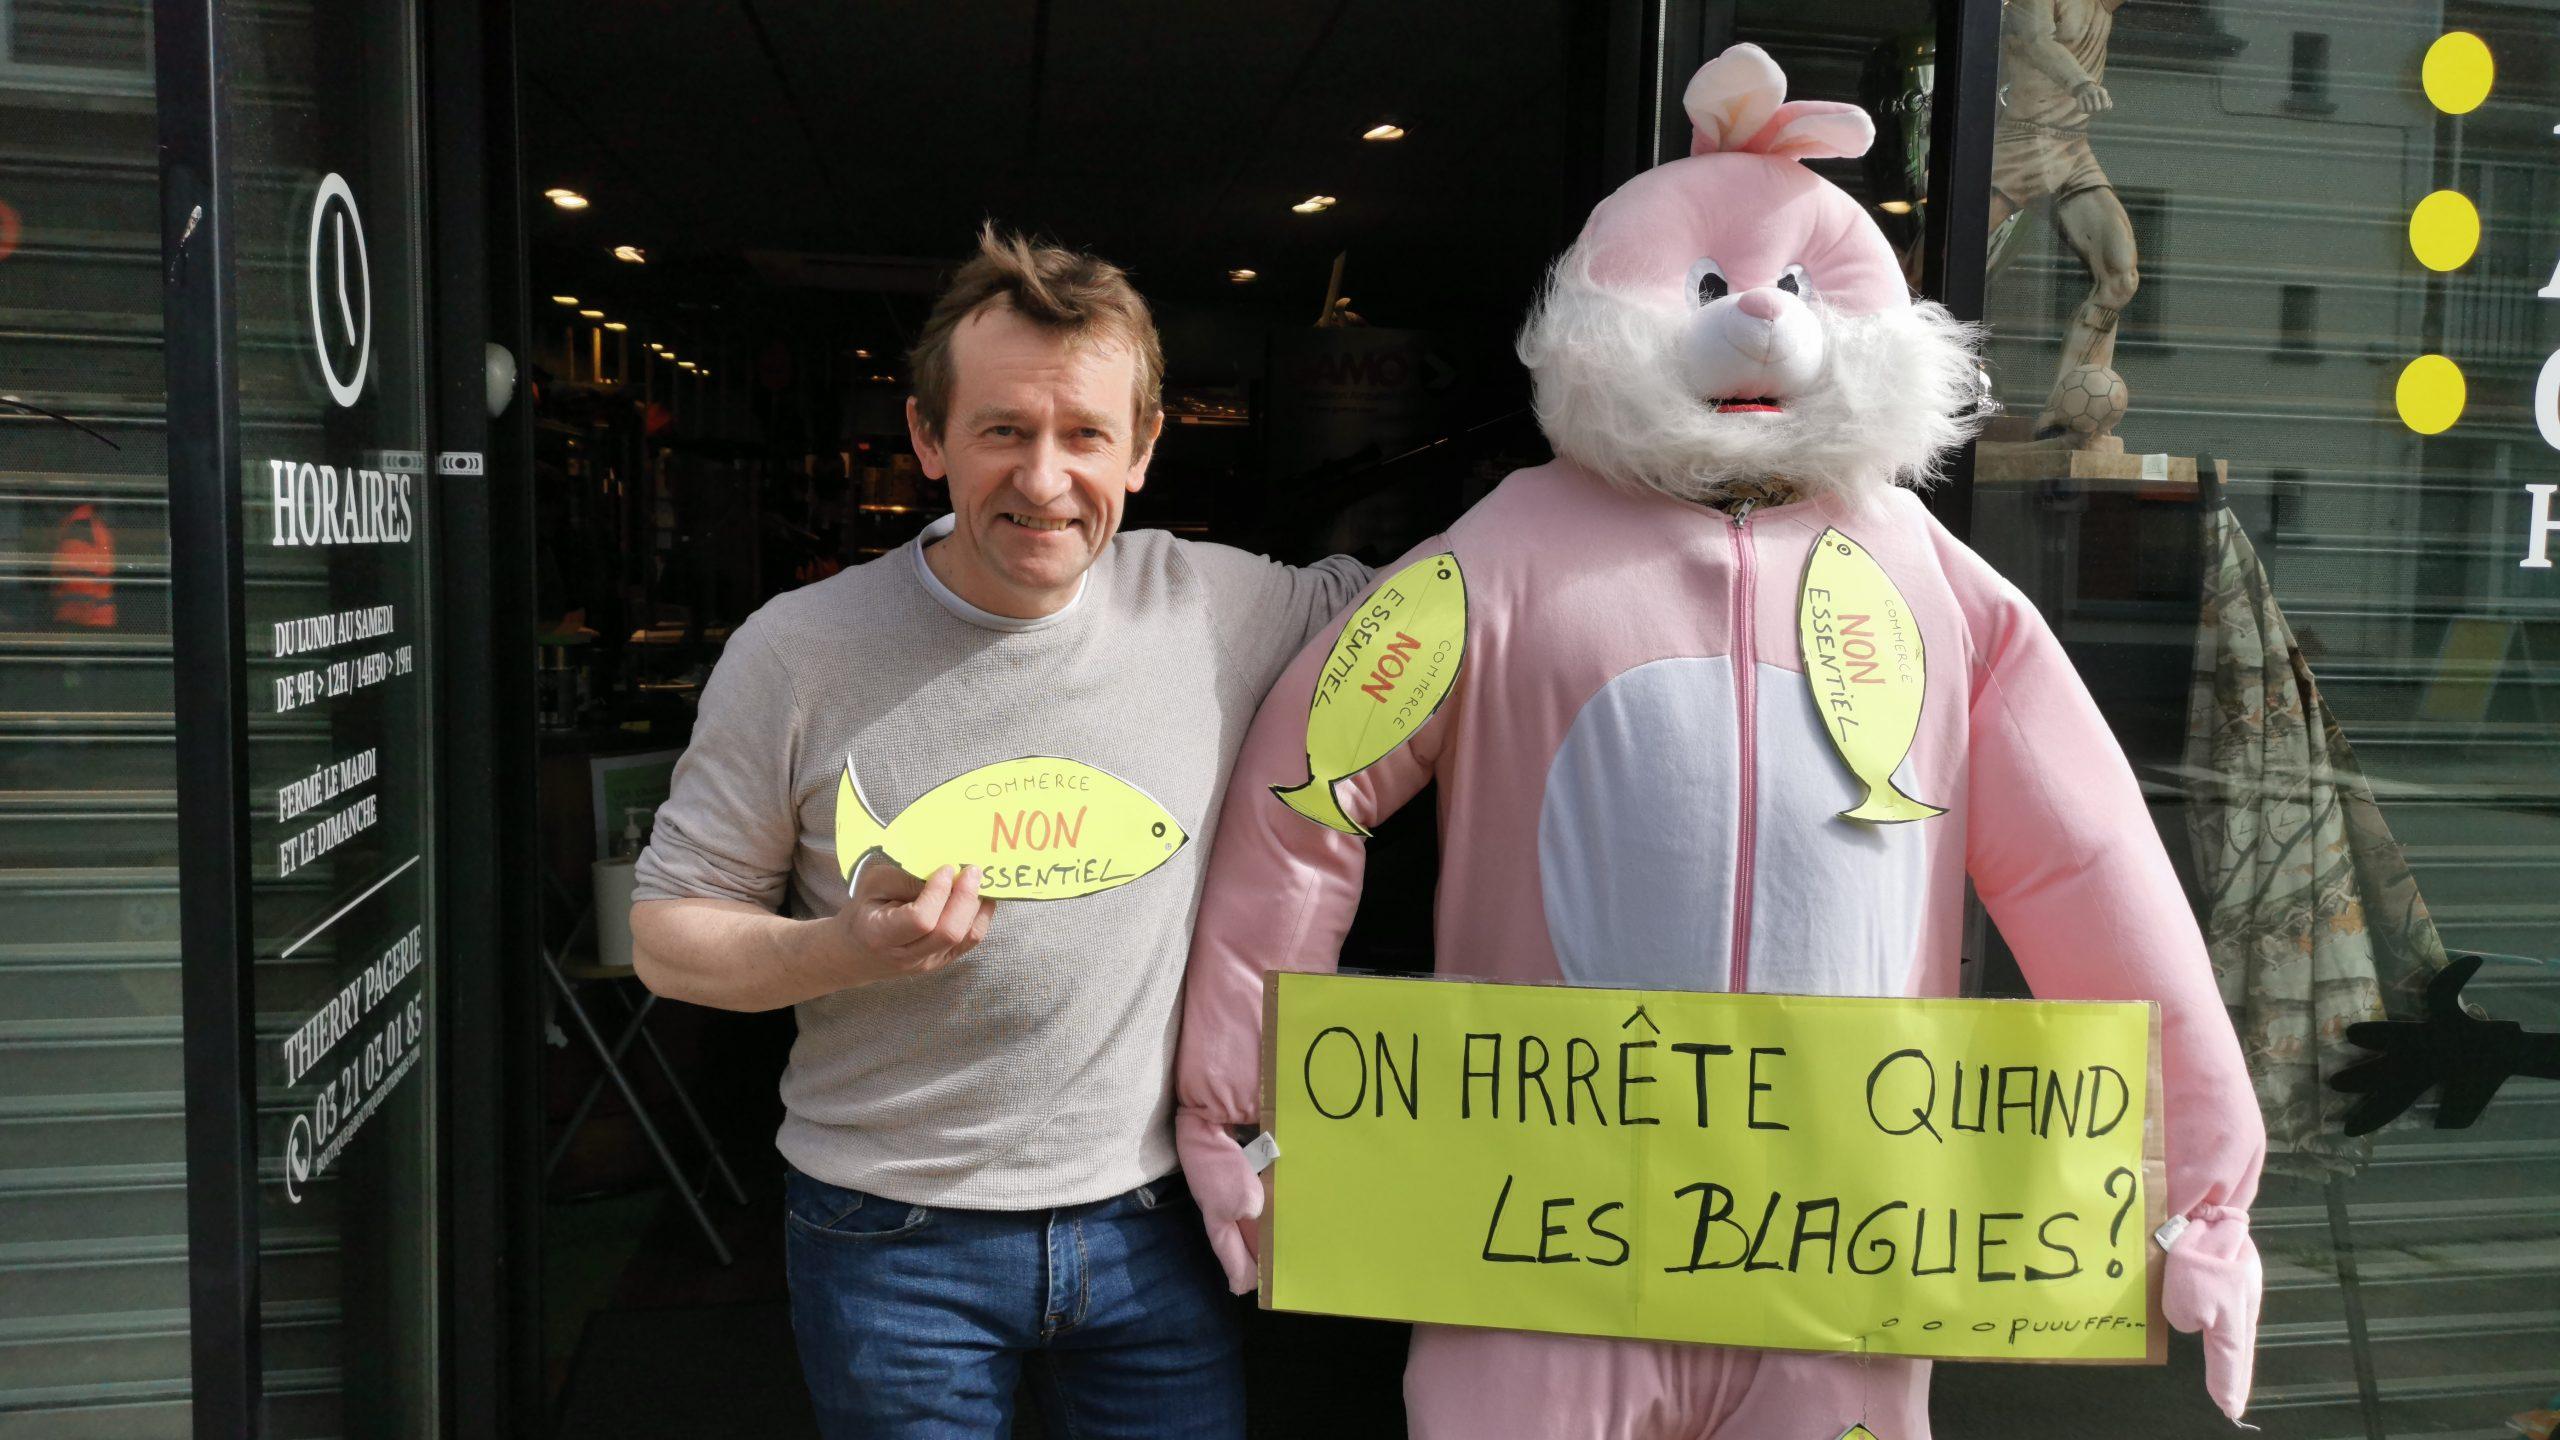 Saint-Pol : Thierry Pagerie dénonce avec humour la violence faite aux commerces «non essentiels»